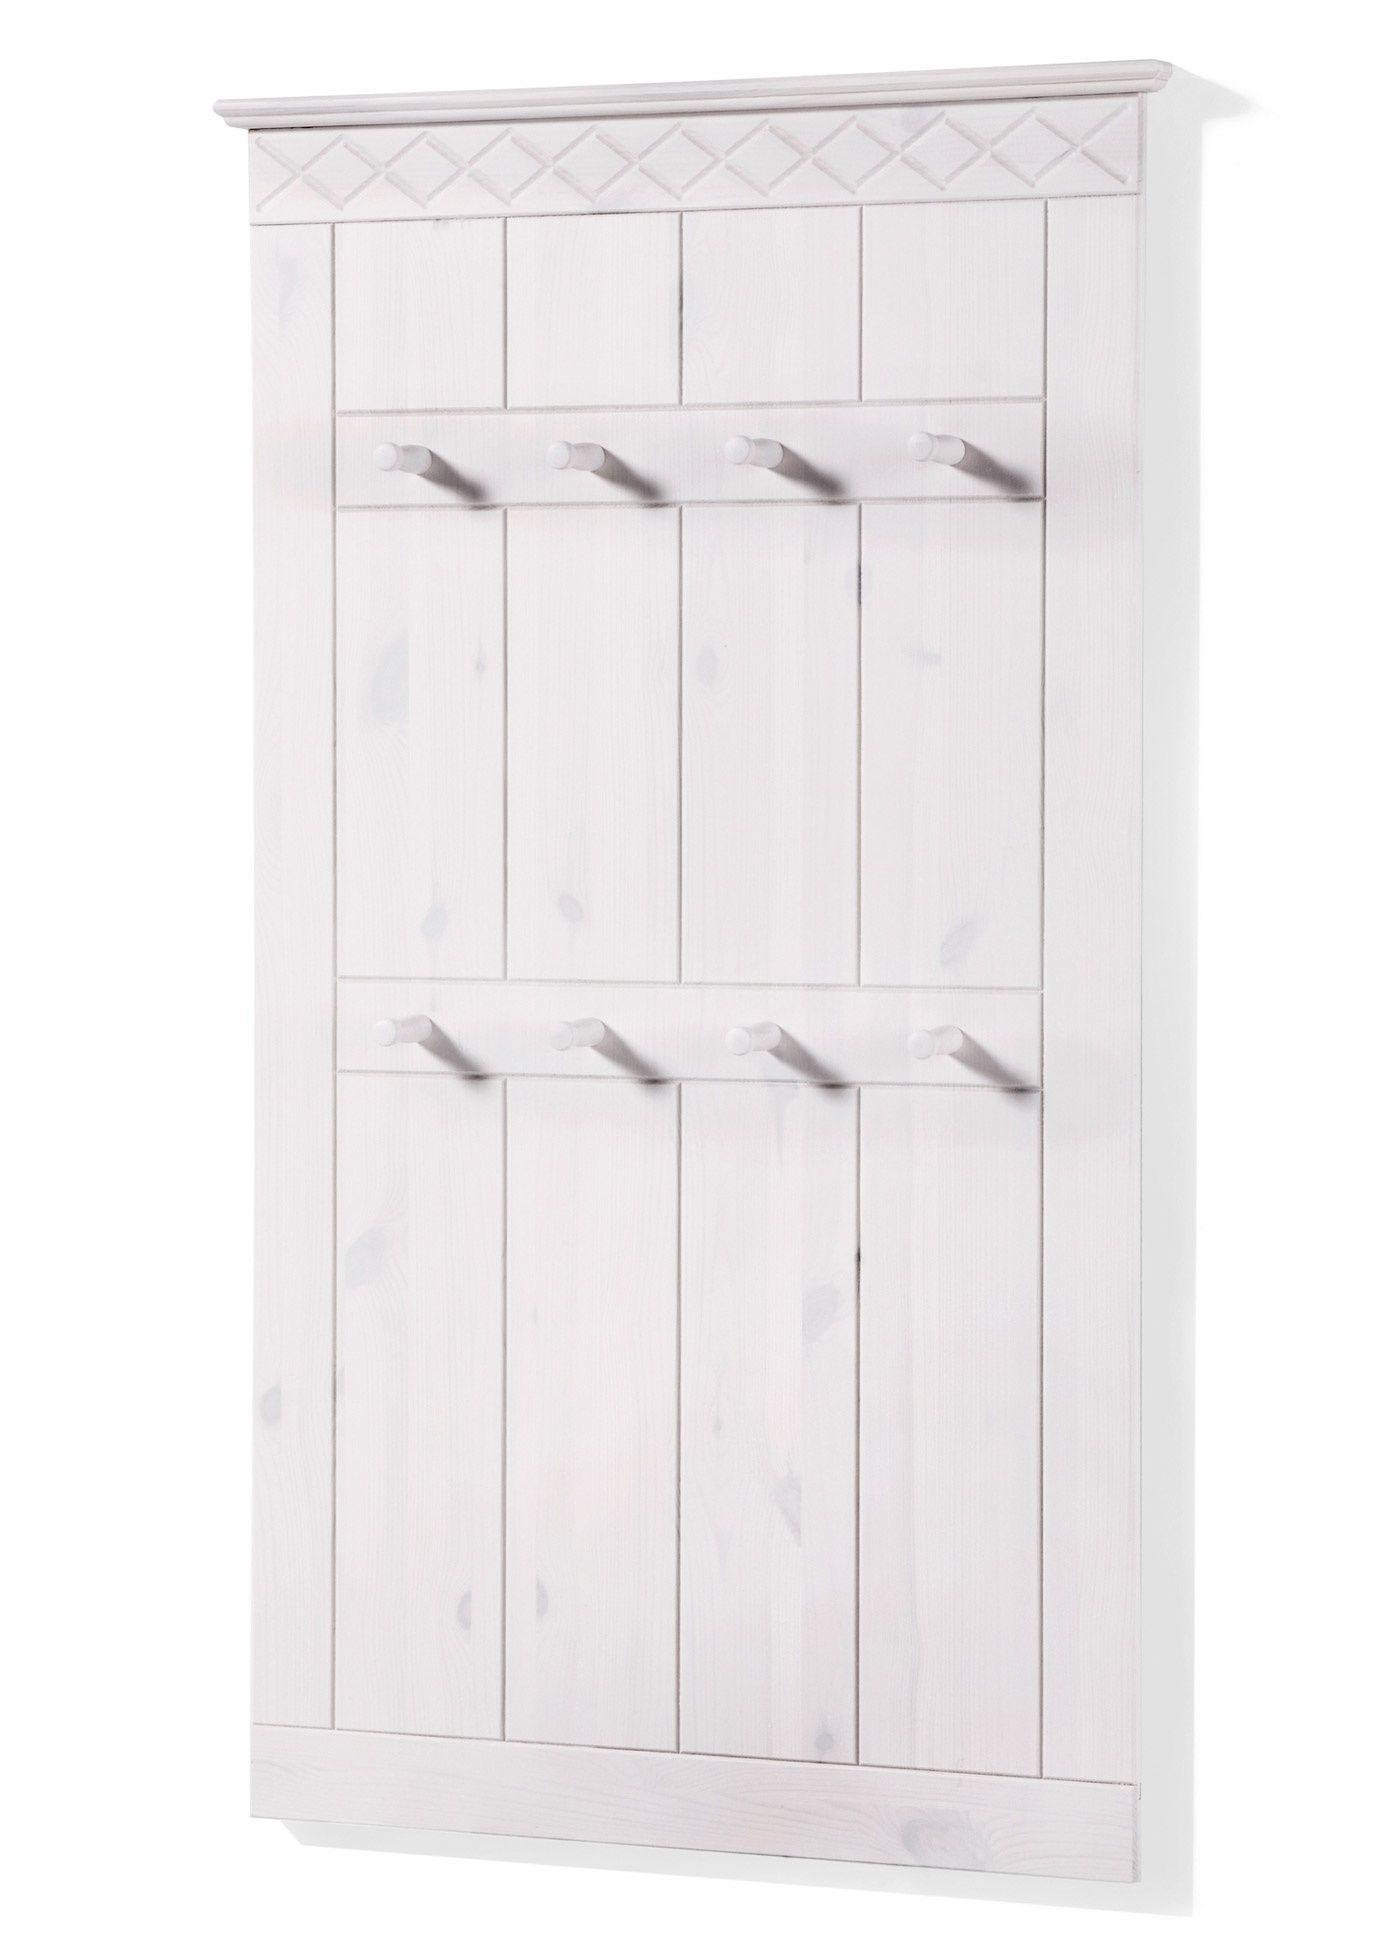 Garderobenpaneel In 2019 Garderobenpaneel Paneele Und Wohn Mobel